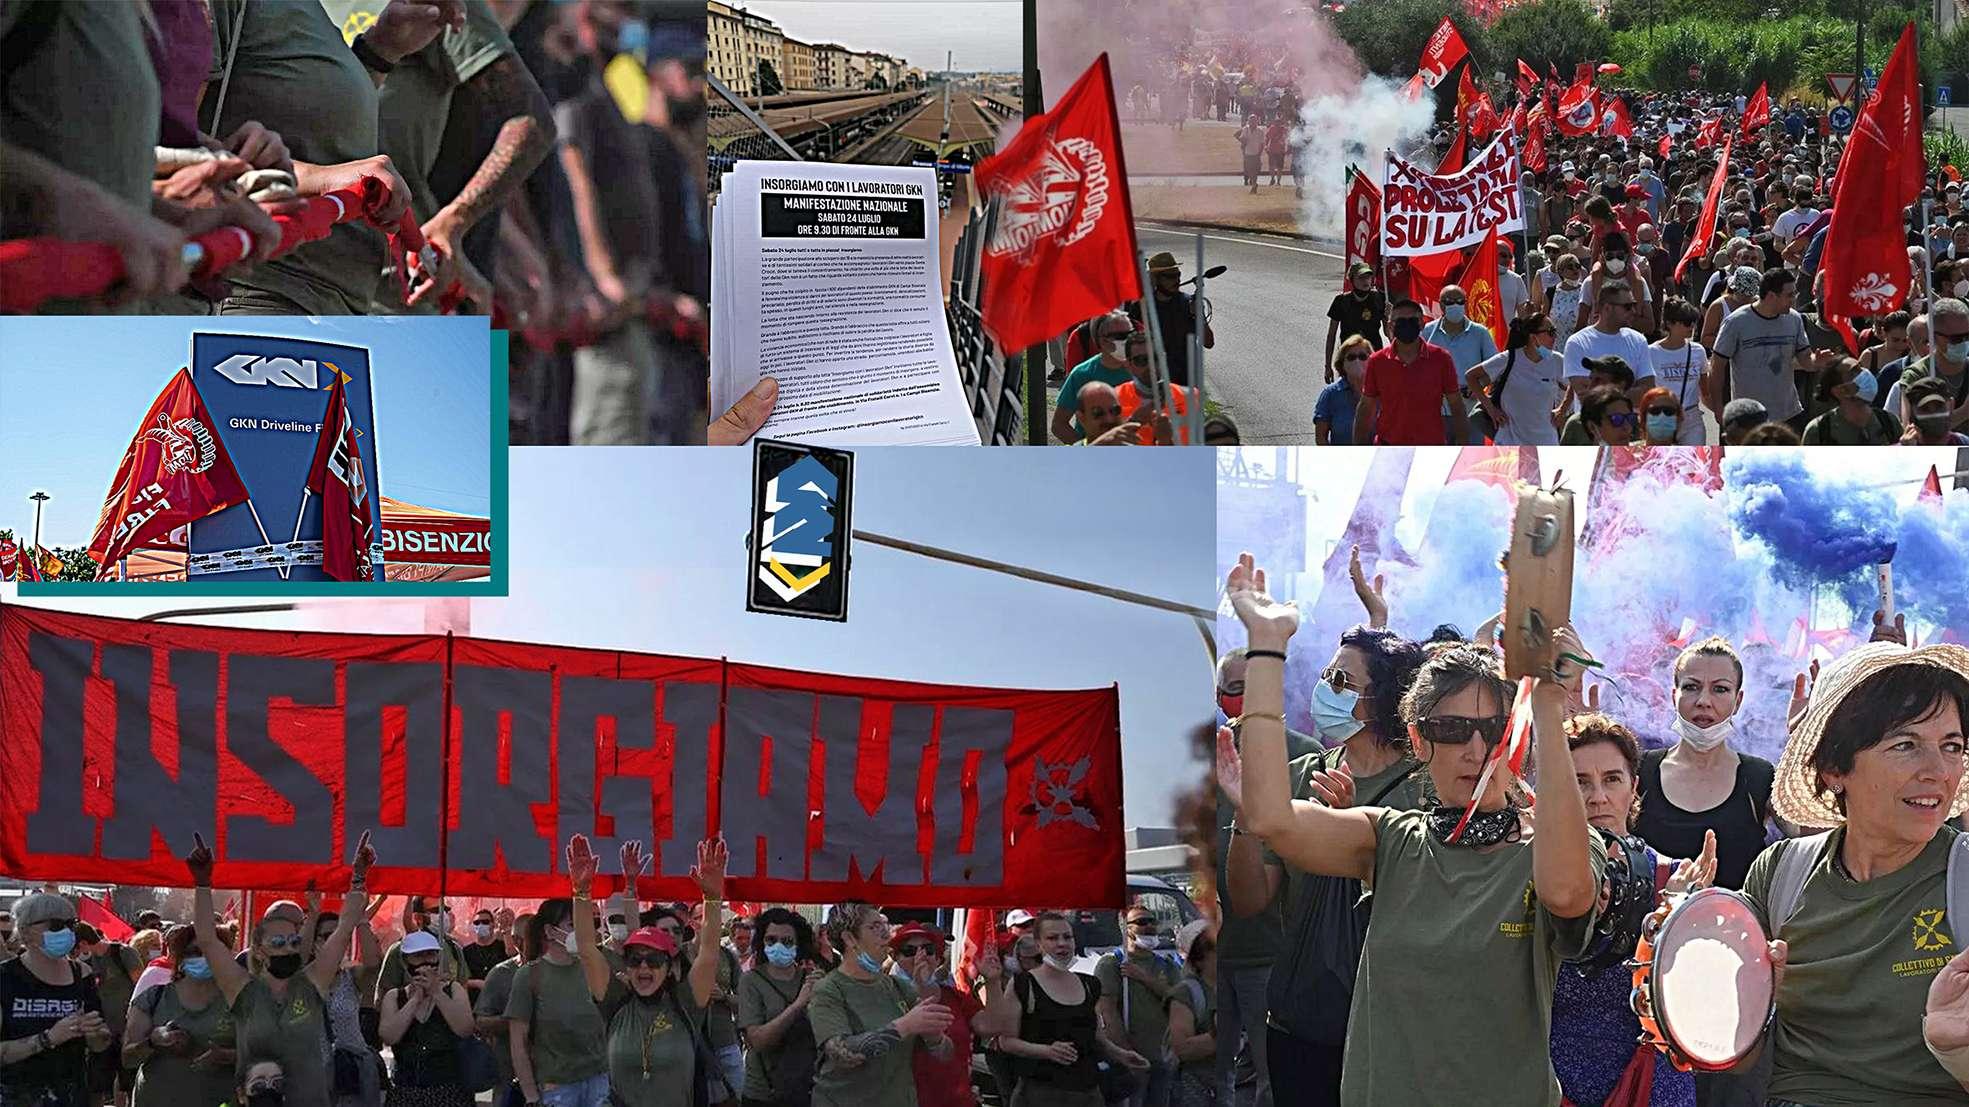 Gkn in migliaia a mobilitazione a Campi Bisenzio